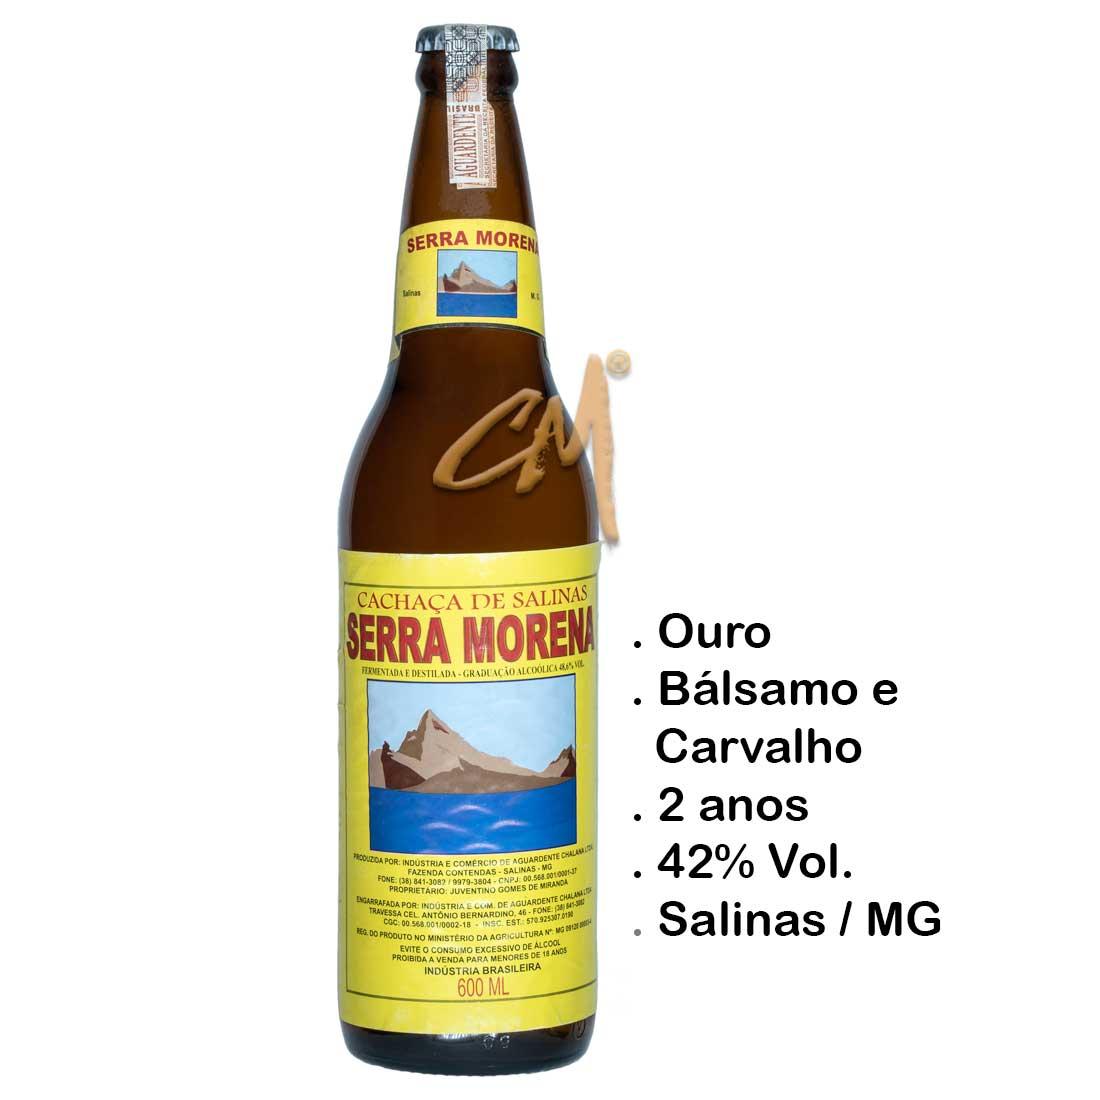 Cachaça Serra Morena 600 ml (Salinas - MG)